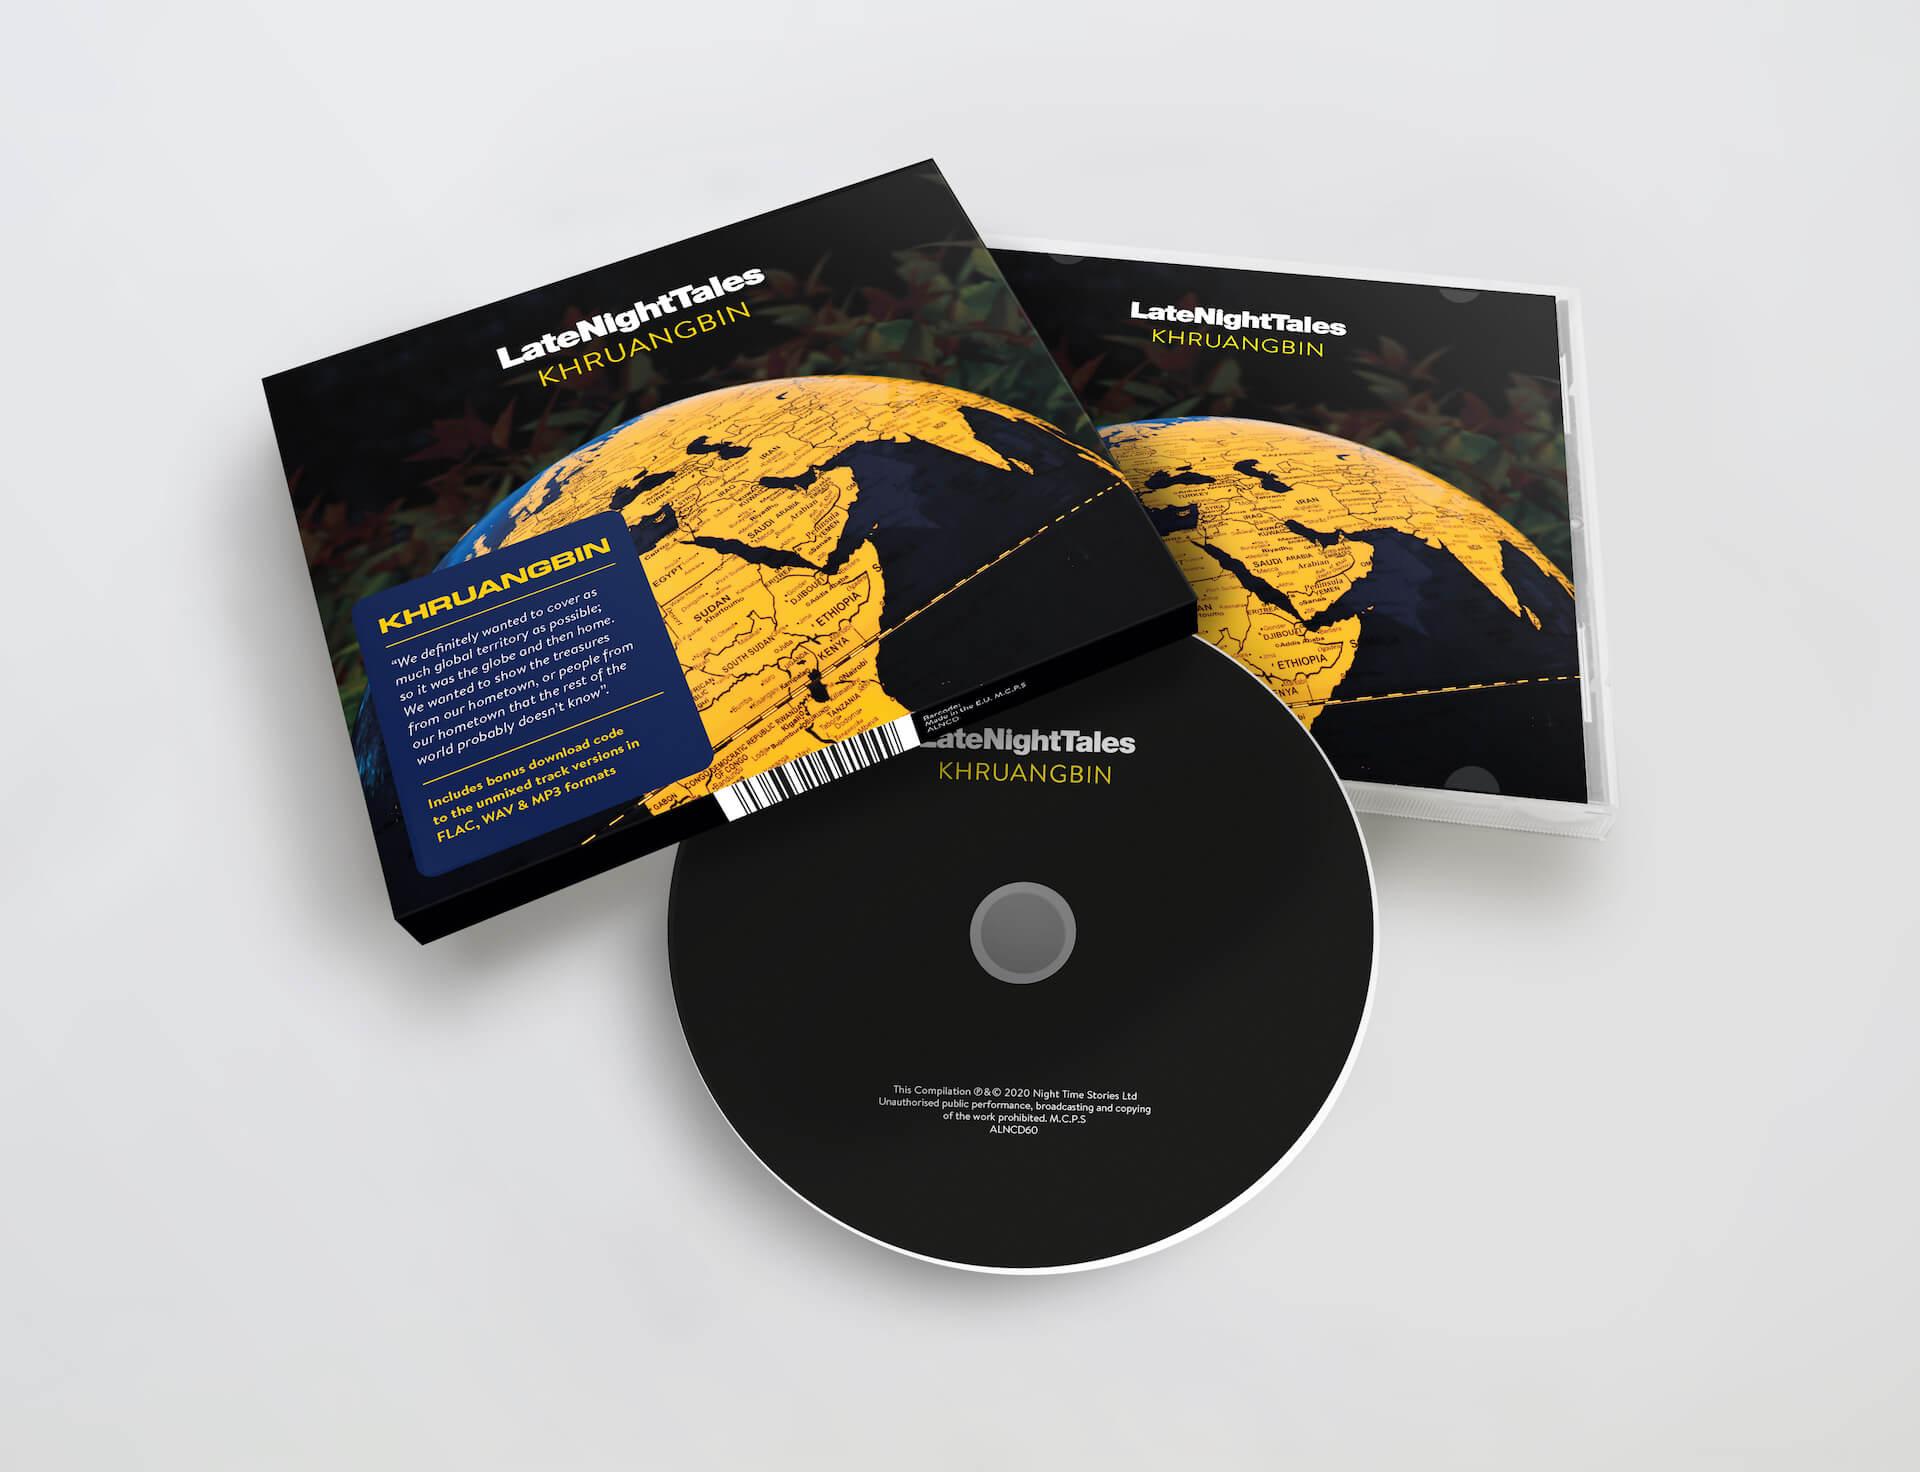 """Khruangbinがセレクトする""""夜聴き""""コンピ『Late Night Tales: Khruangbin』が明日発売! music201203_khruangbin_3"""